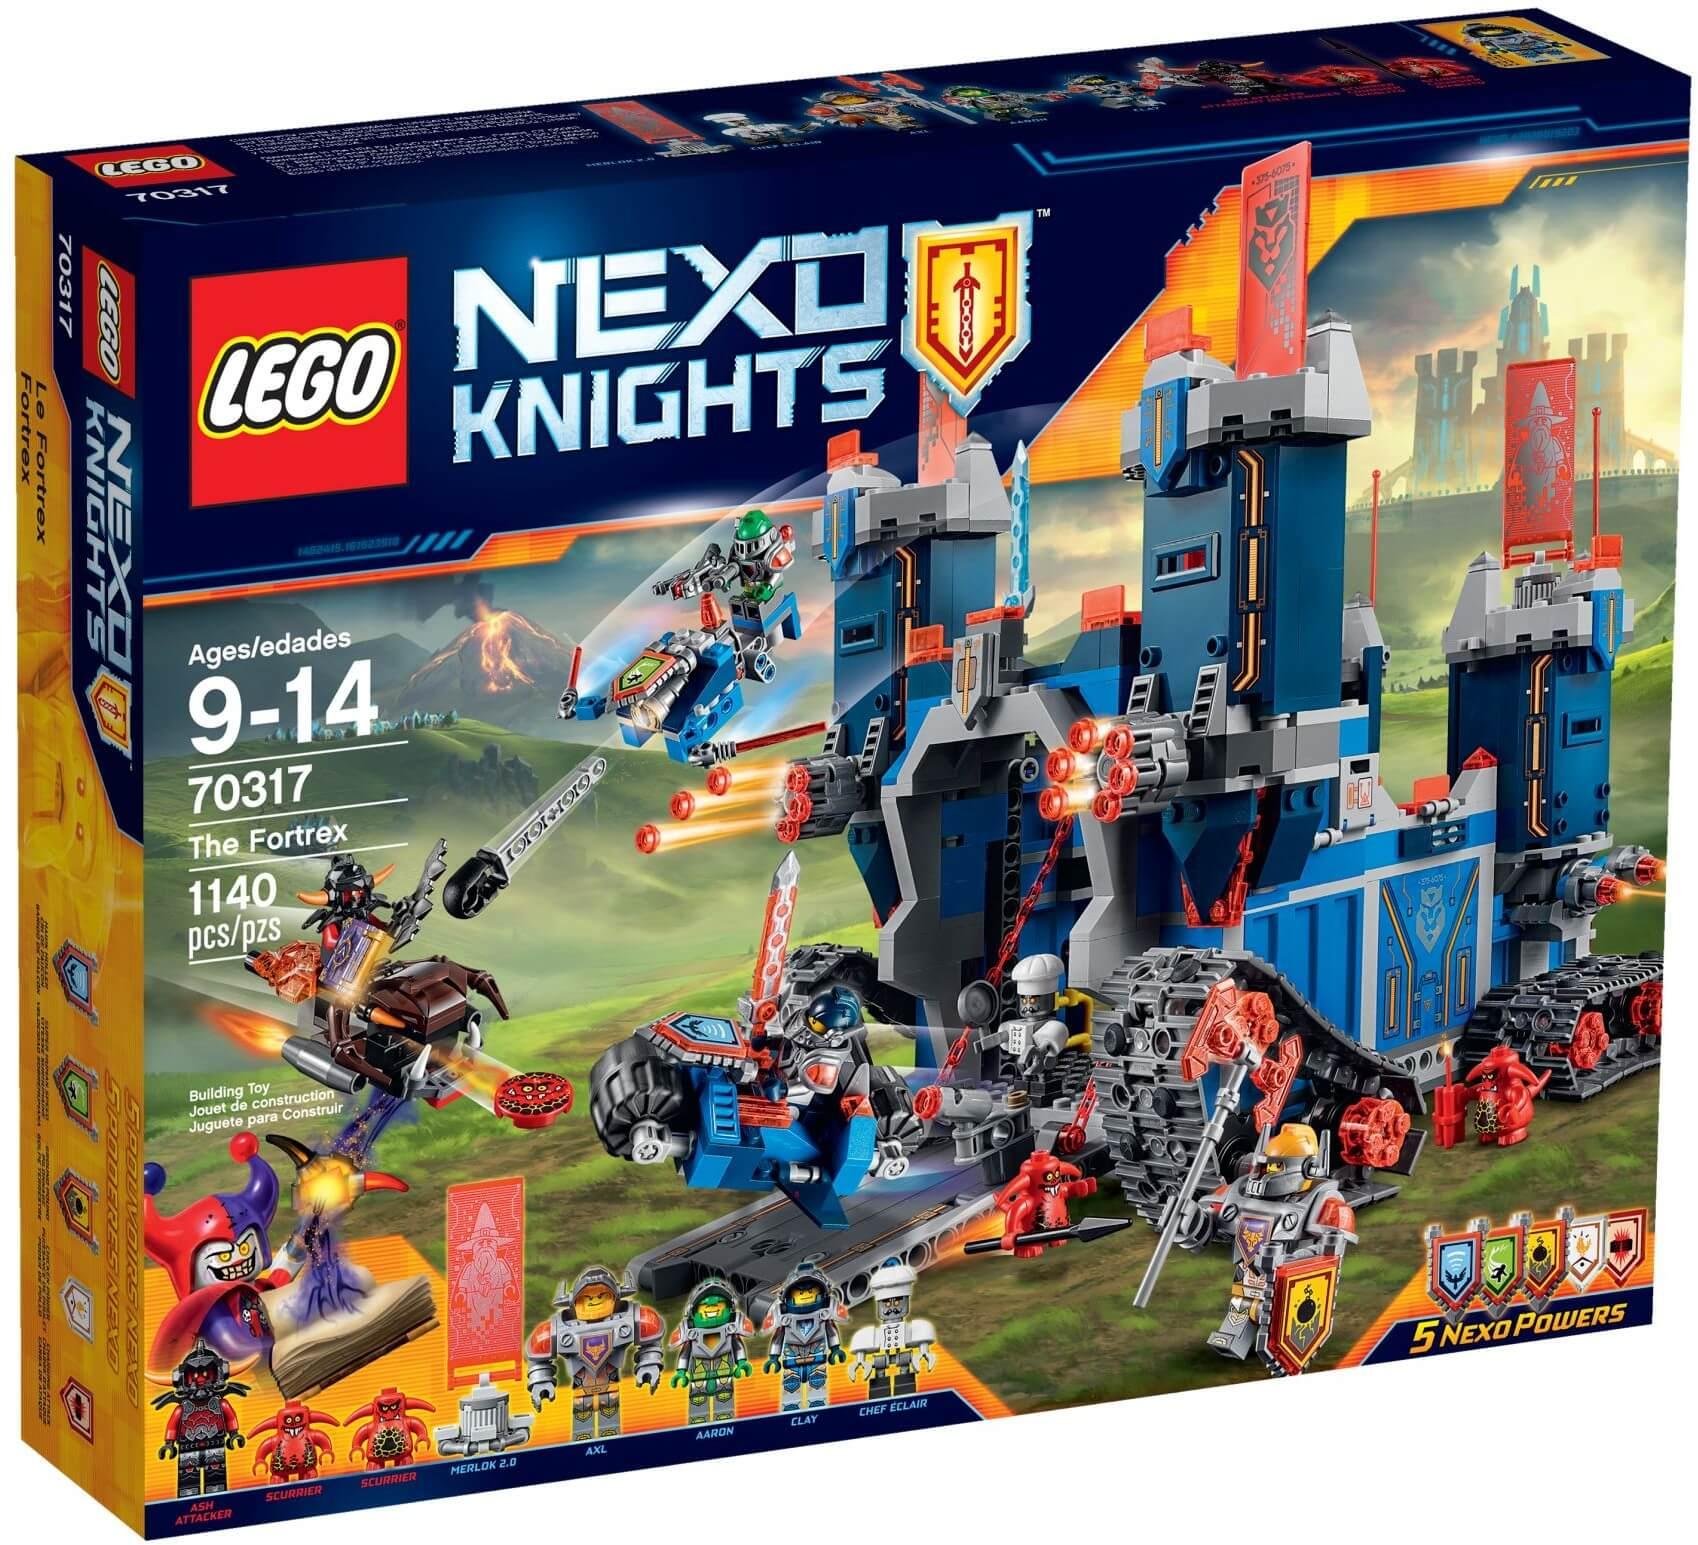 Mua đồ chơi LEGO 70317 - LEGO Nexo Knights 70317 - Pháo đài Hiệp Sĩ Di Động (LEGO Nexo Knights The Fortrex 70317)